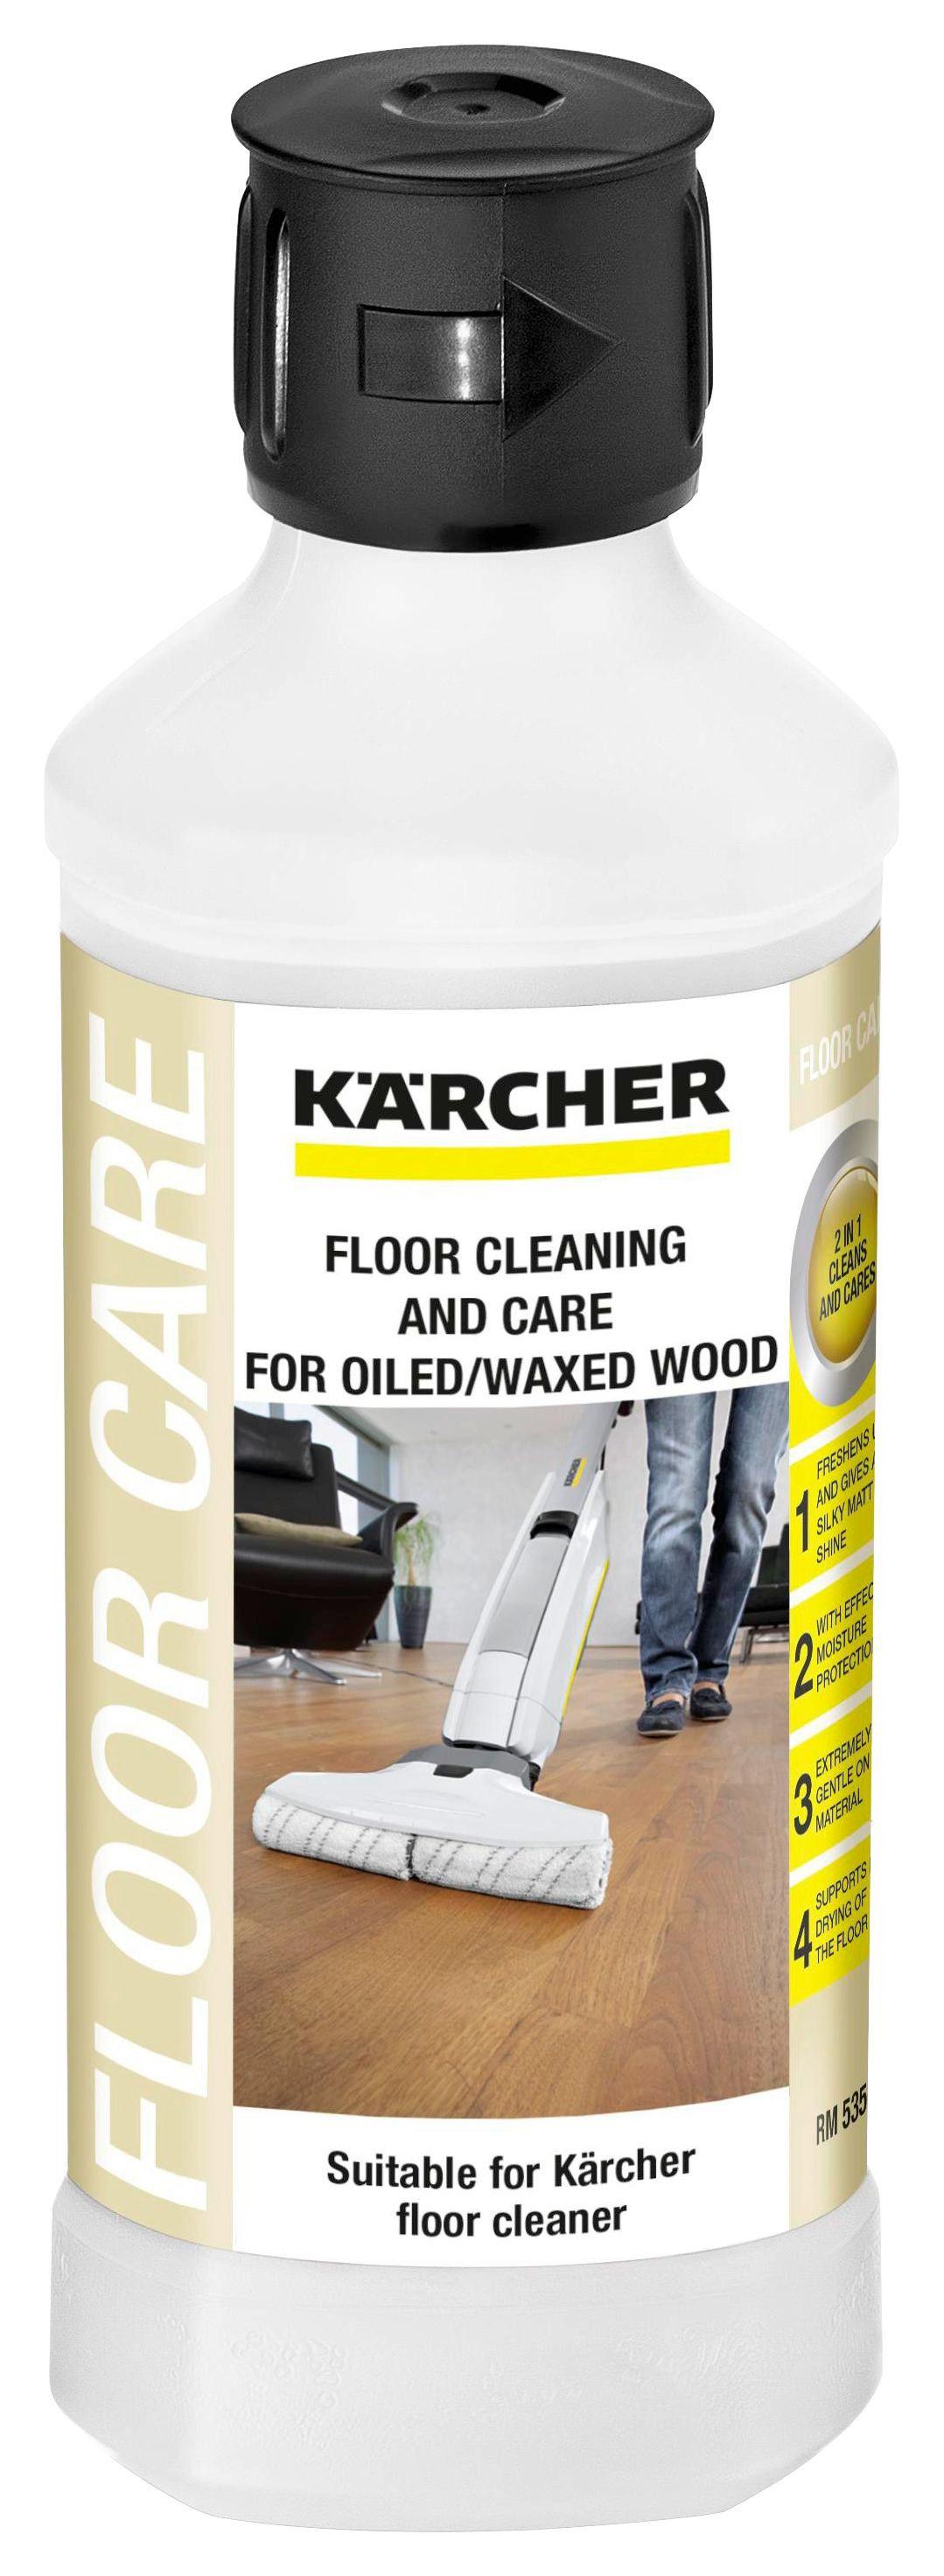 Bodenreinigungsmittel für Geölte/gewachste Holzböden - Schwarz/Weiß, MODERN (6,5/21cm) - Kärcher